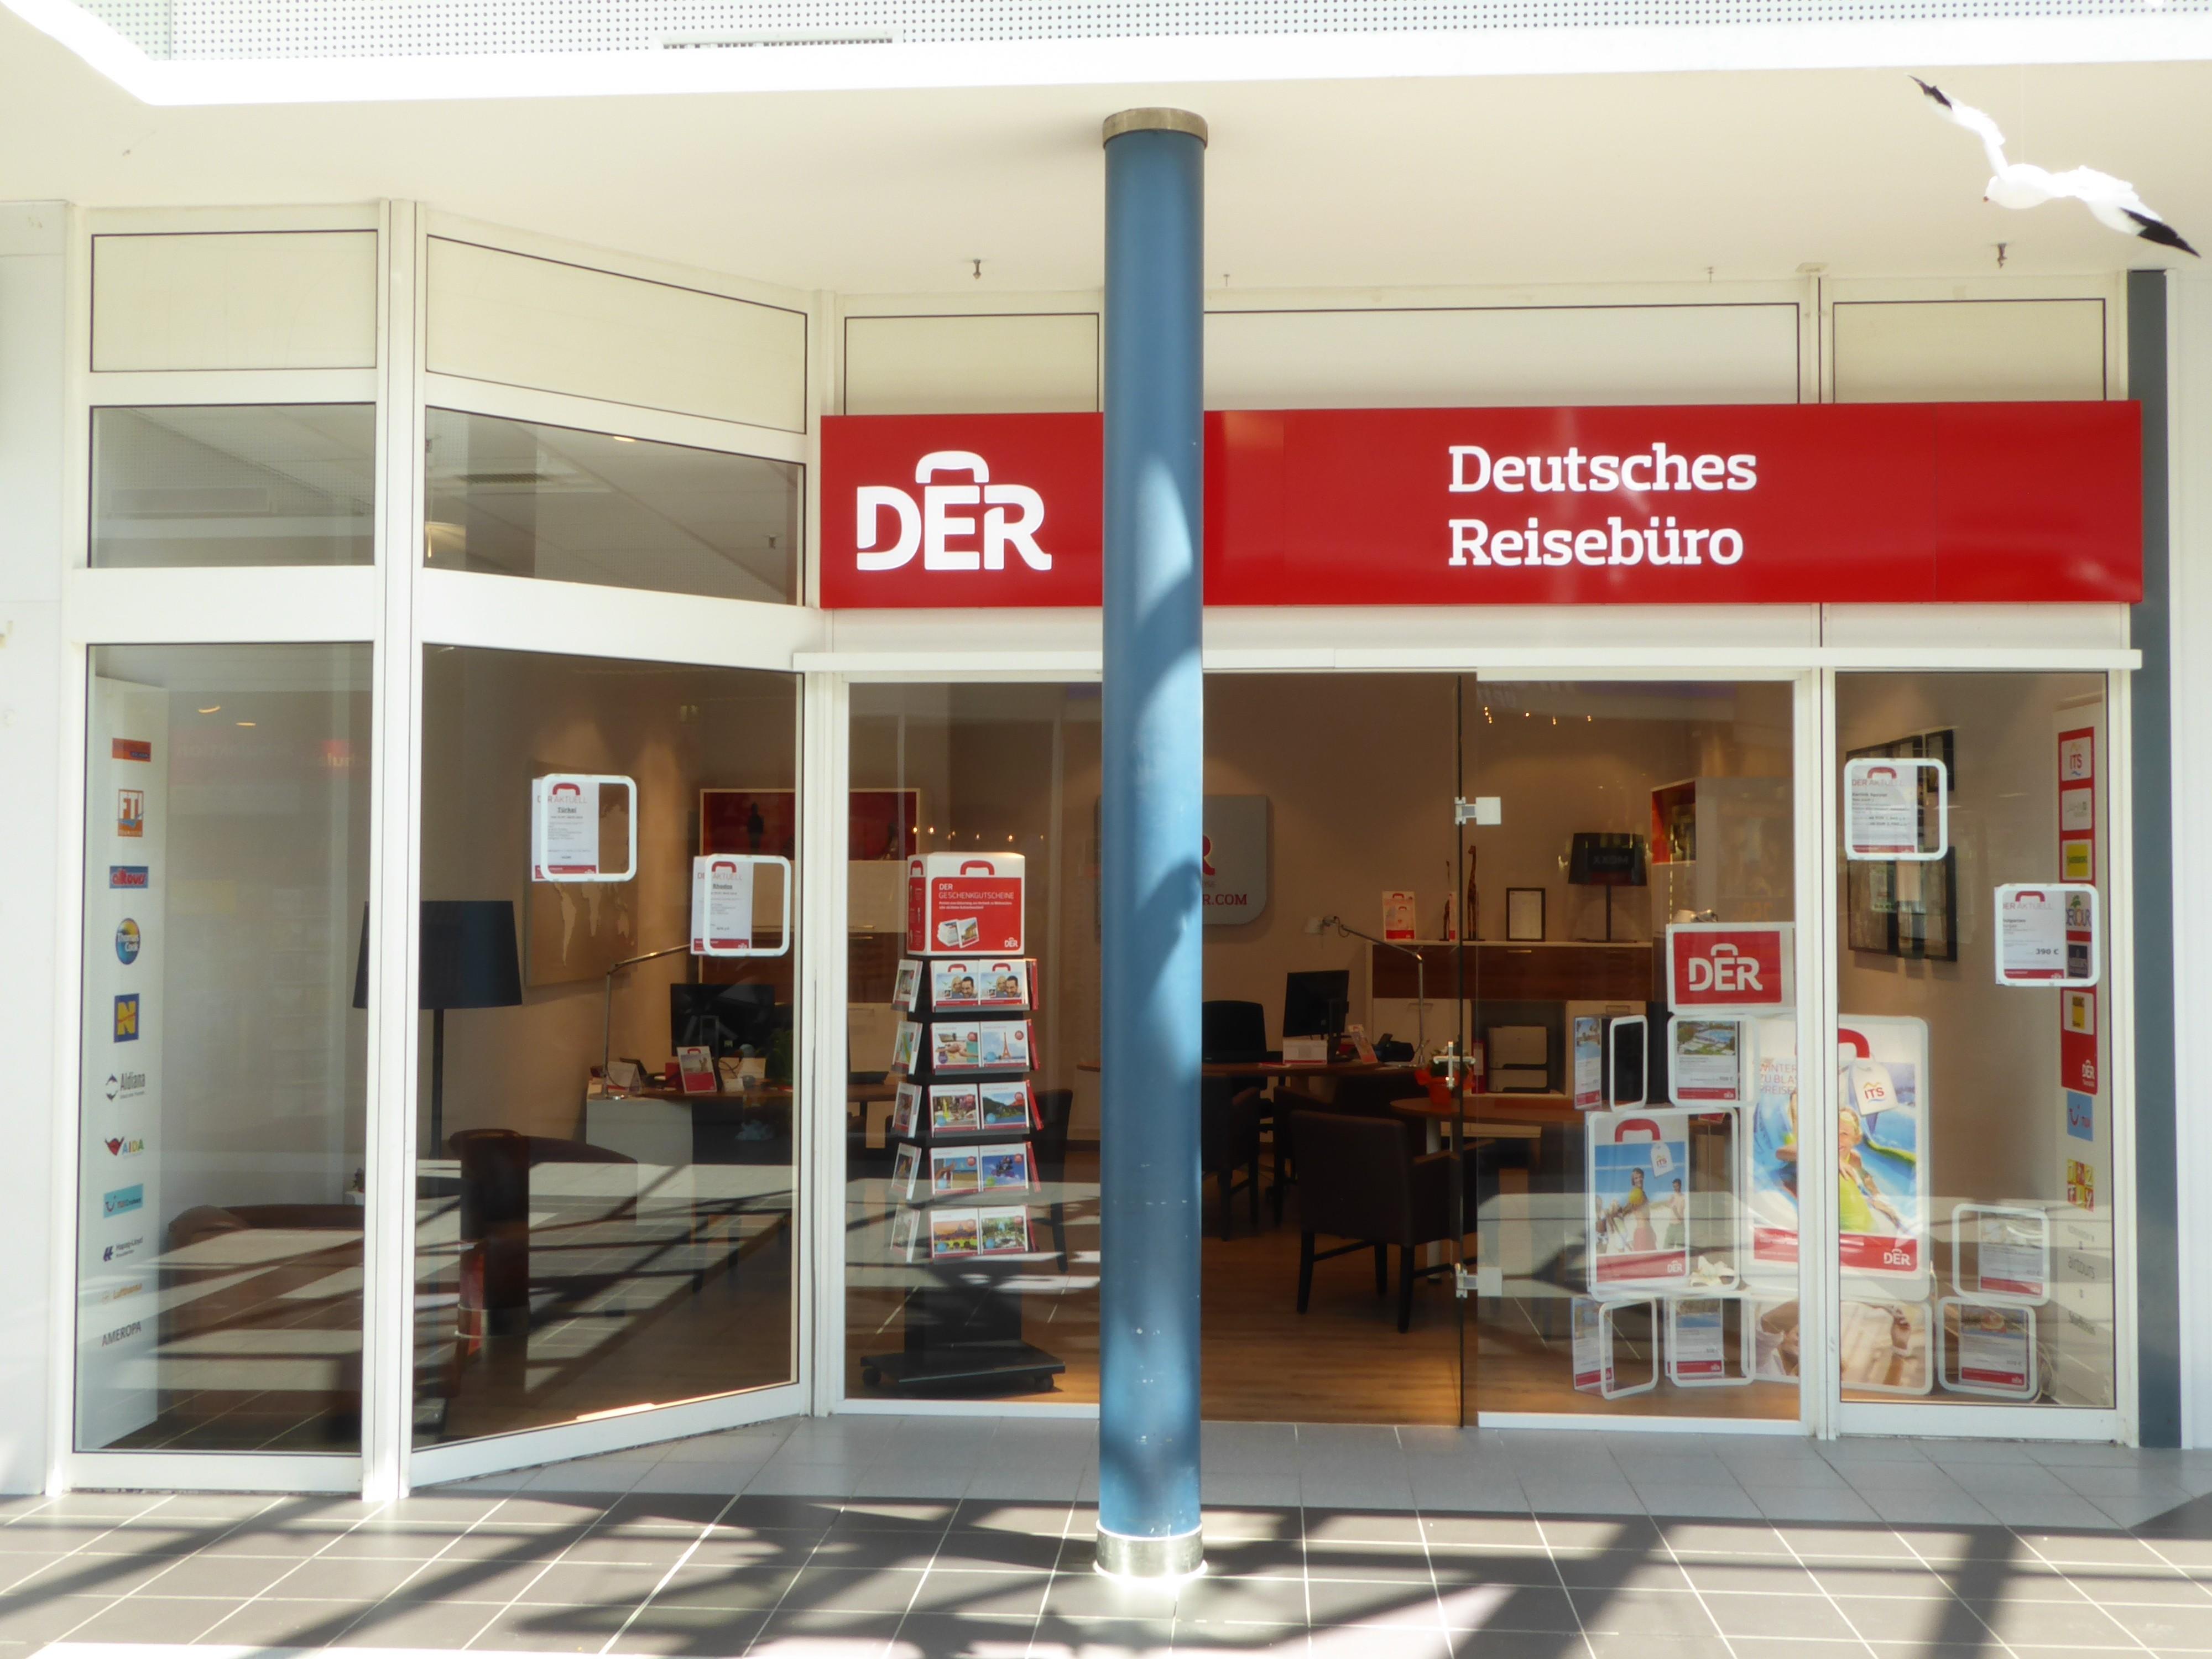 DER Deutsches Reisebüro, Enderstraße 59 in Dresden